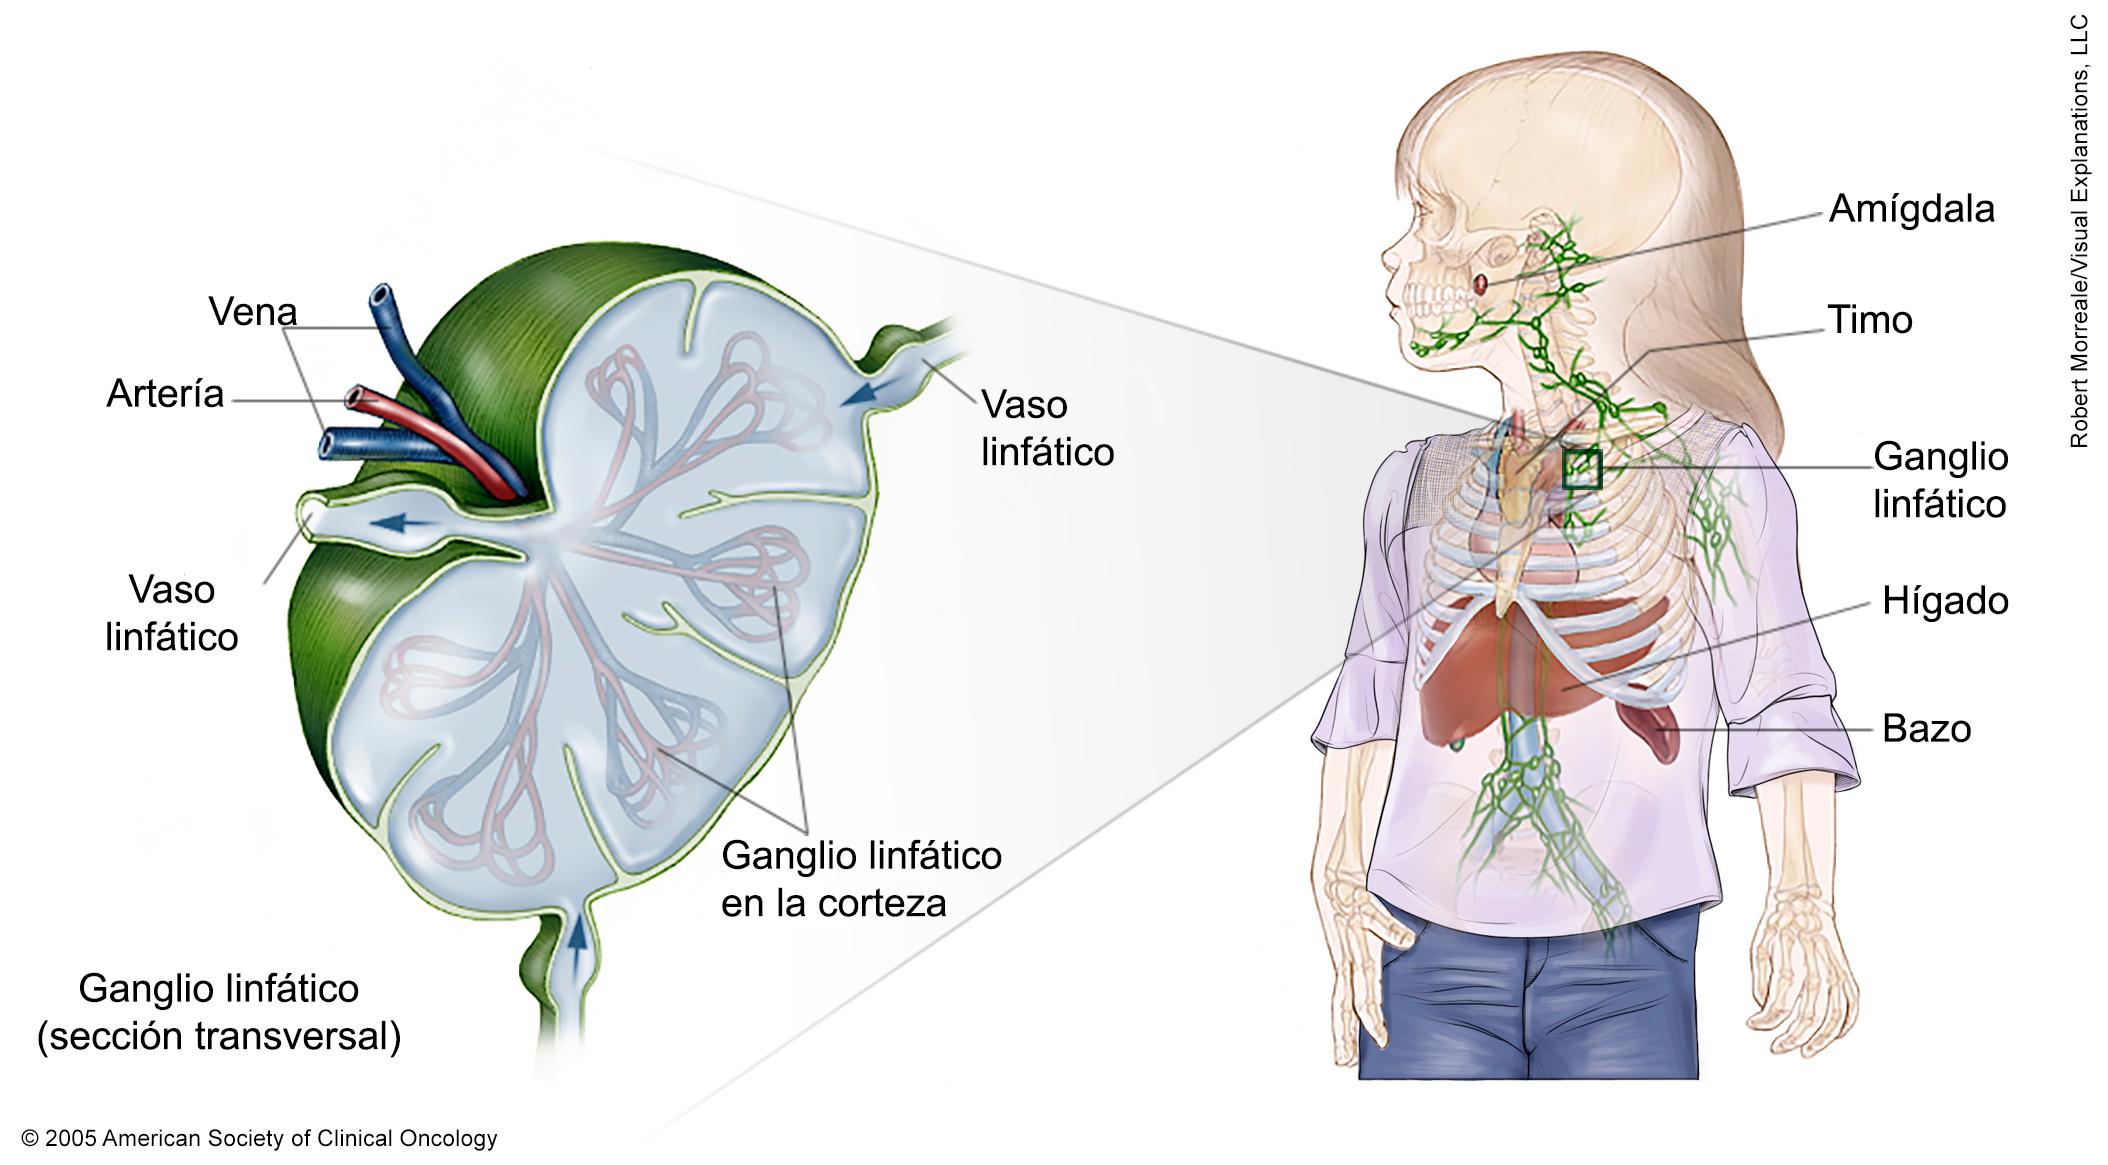 Cancer linfatico hodgkin en ninos, Cancer linfom hodgkin. - Cancer no hodgkin en ninos